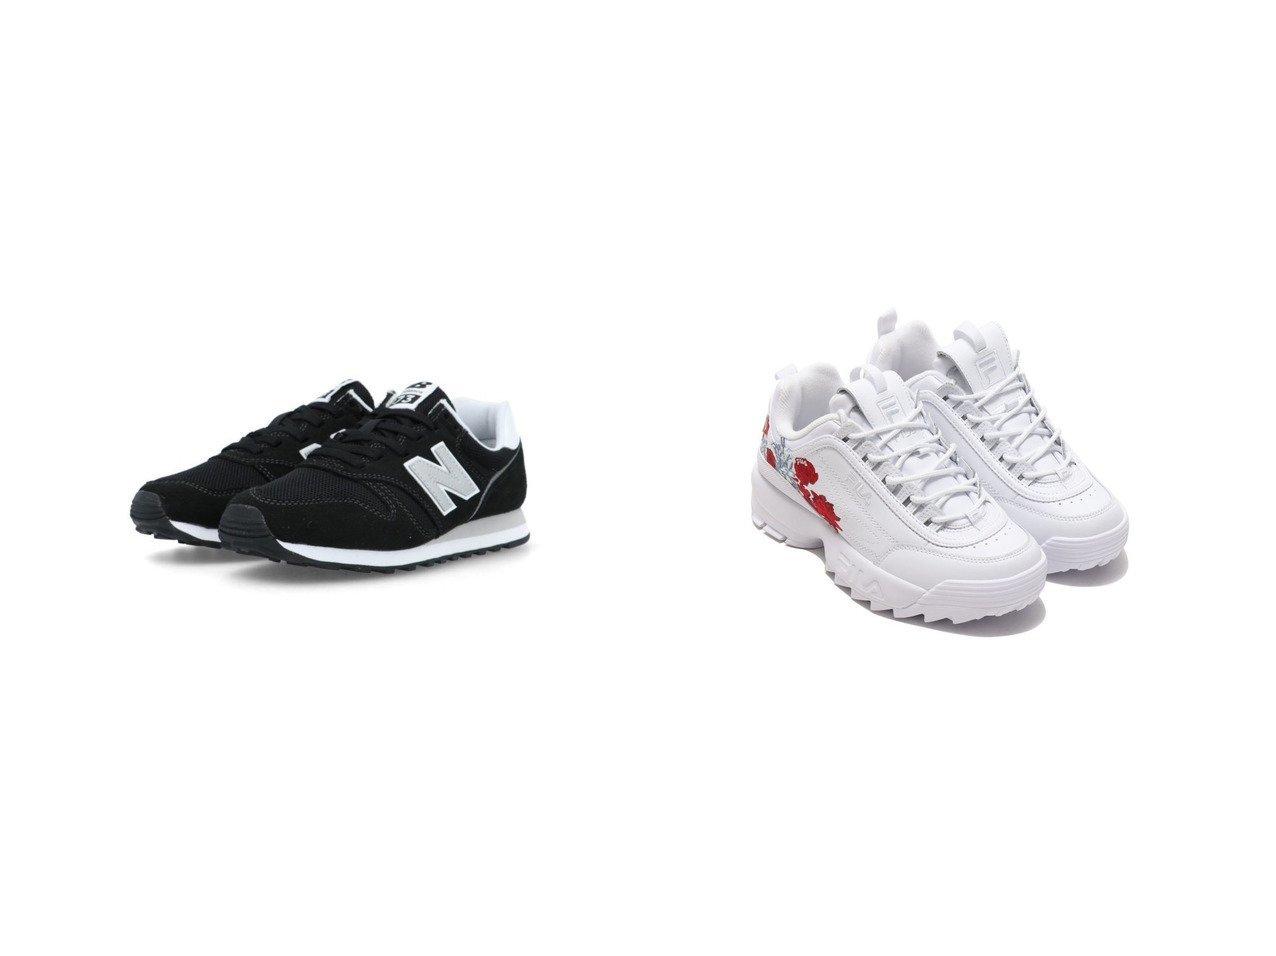 【FILA/フィラ】のFILA Disruptor II Flower&【new balance/ニューバランス】のNB ML373 【シューズ・靴】おすすめ!人気、トレンド・レディースファッションの通販 おすすめで人気の流行・トレンド、ファッションの通販商品 メンズファッション・キッズファッション・インテリア・家具・レディースファッション・服の通販 founy(ファニー) https://founy.com/ ファッション Fashion レディースファッション WOMEN シューズ スニーカー スリッポン NEW・新作・新着・新入荷 New Arrivals バランス ベーシック ランニング |ID:crp329100000035486